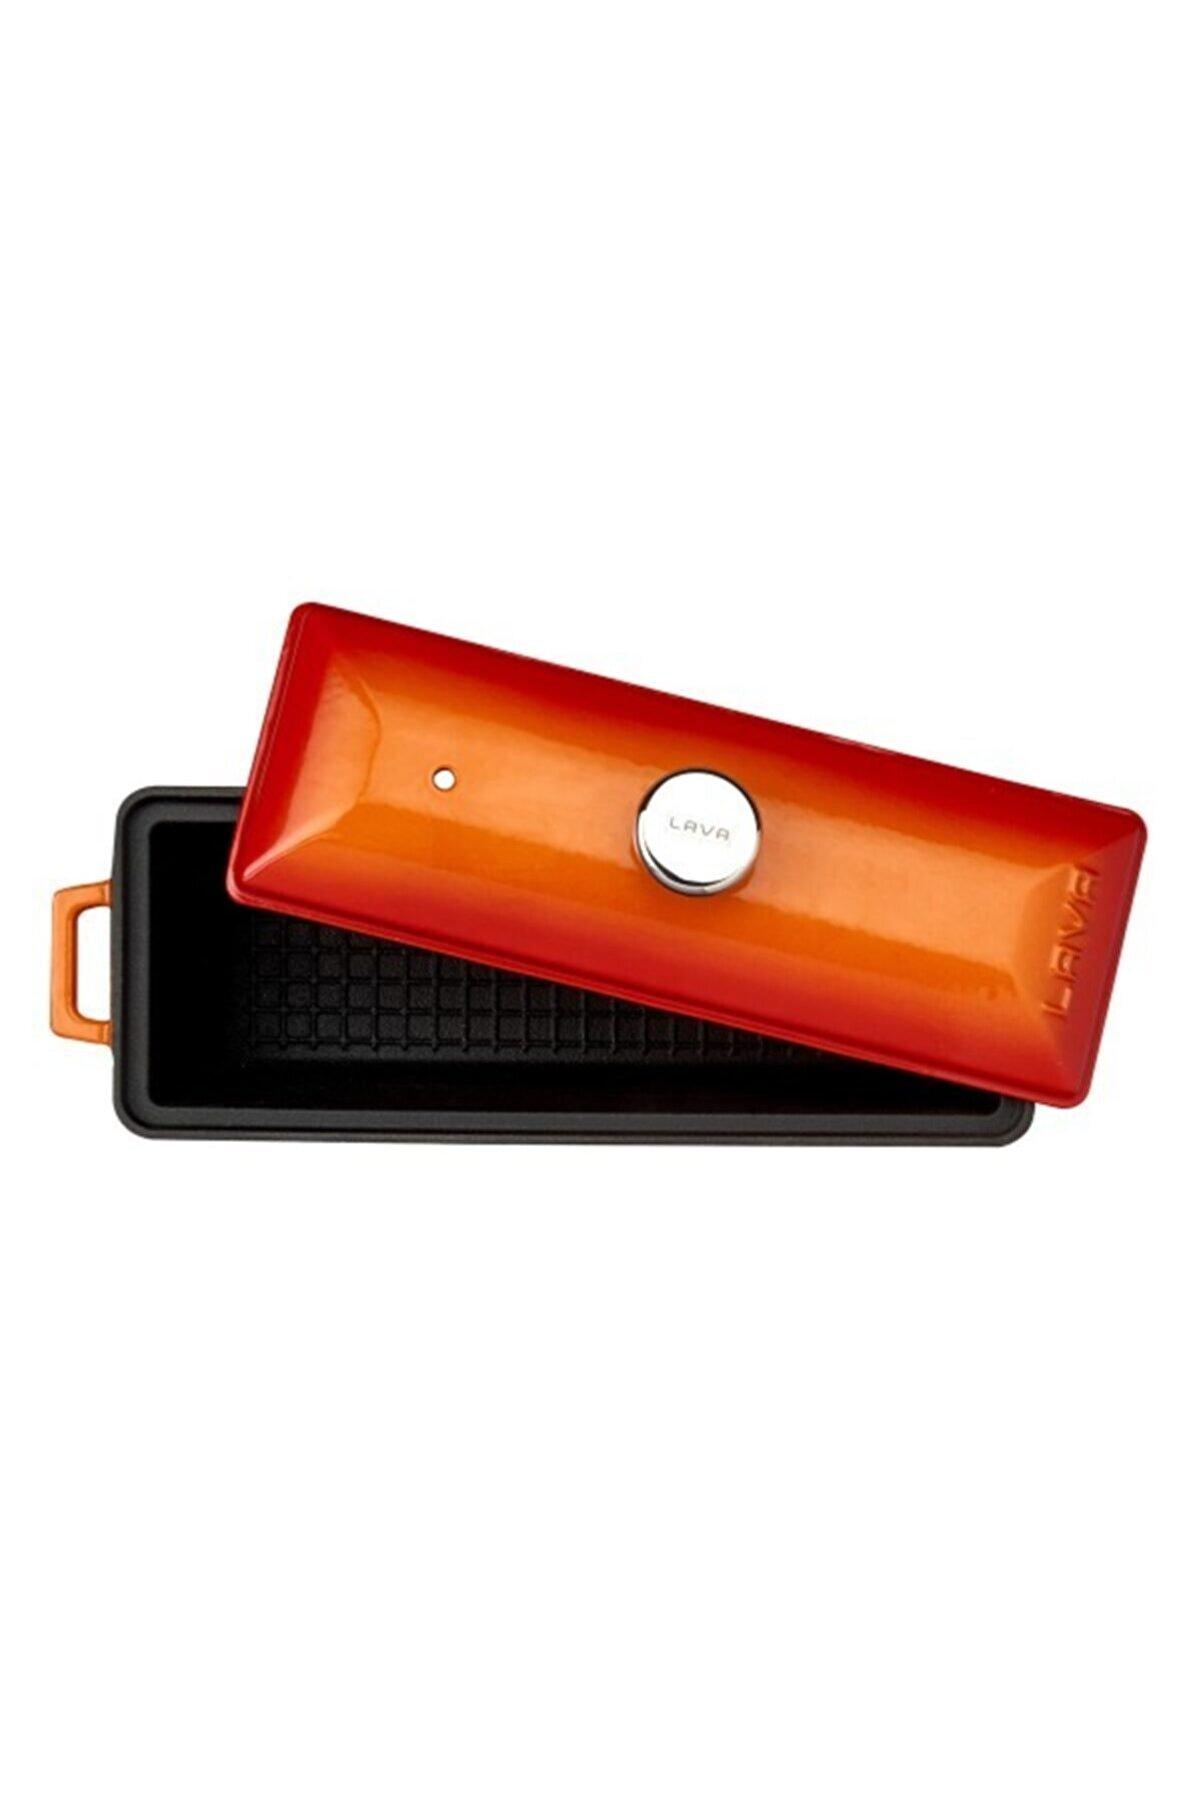 Lava Döküm Ekmek Kabı / Terrine. Ölçü 11x29cm. -turuncu